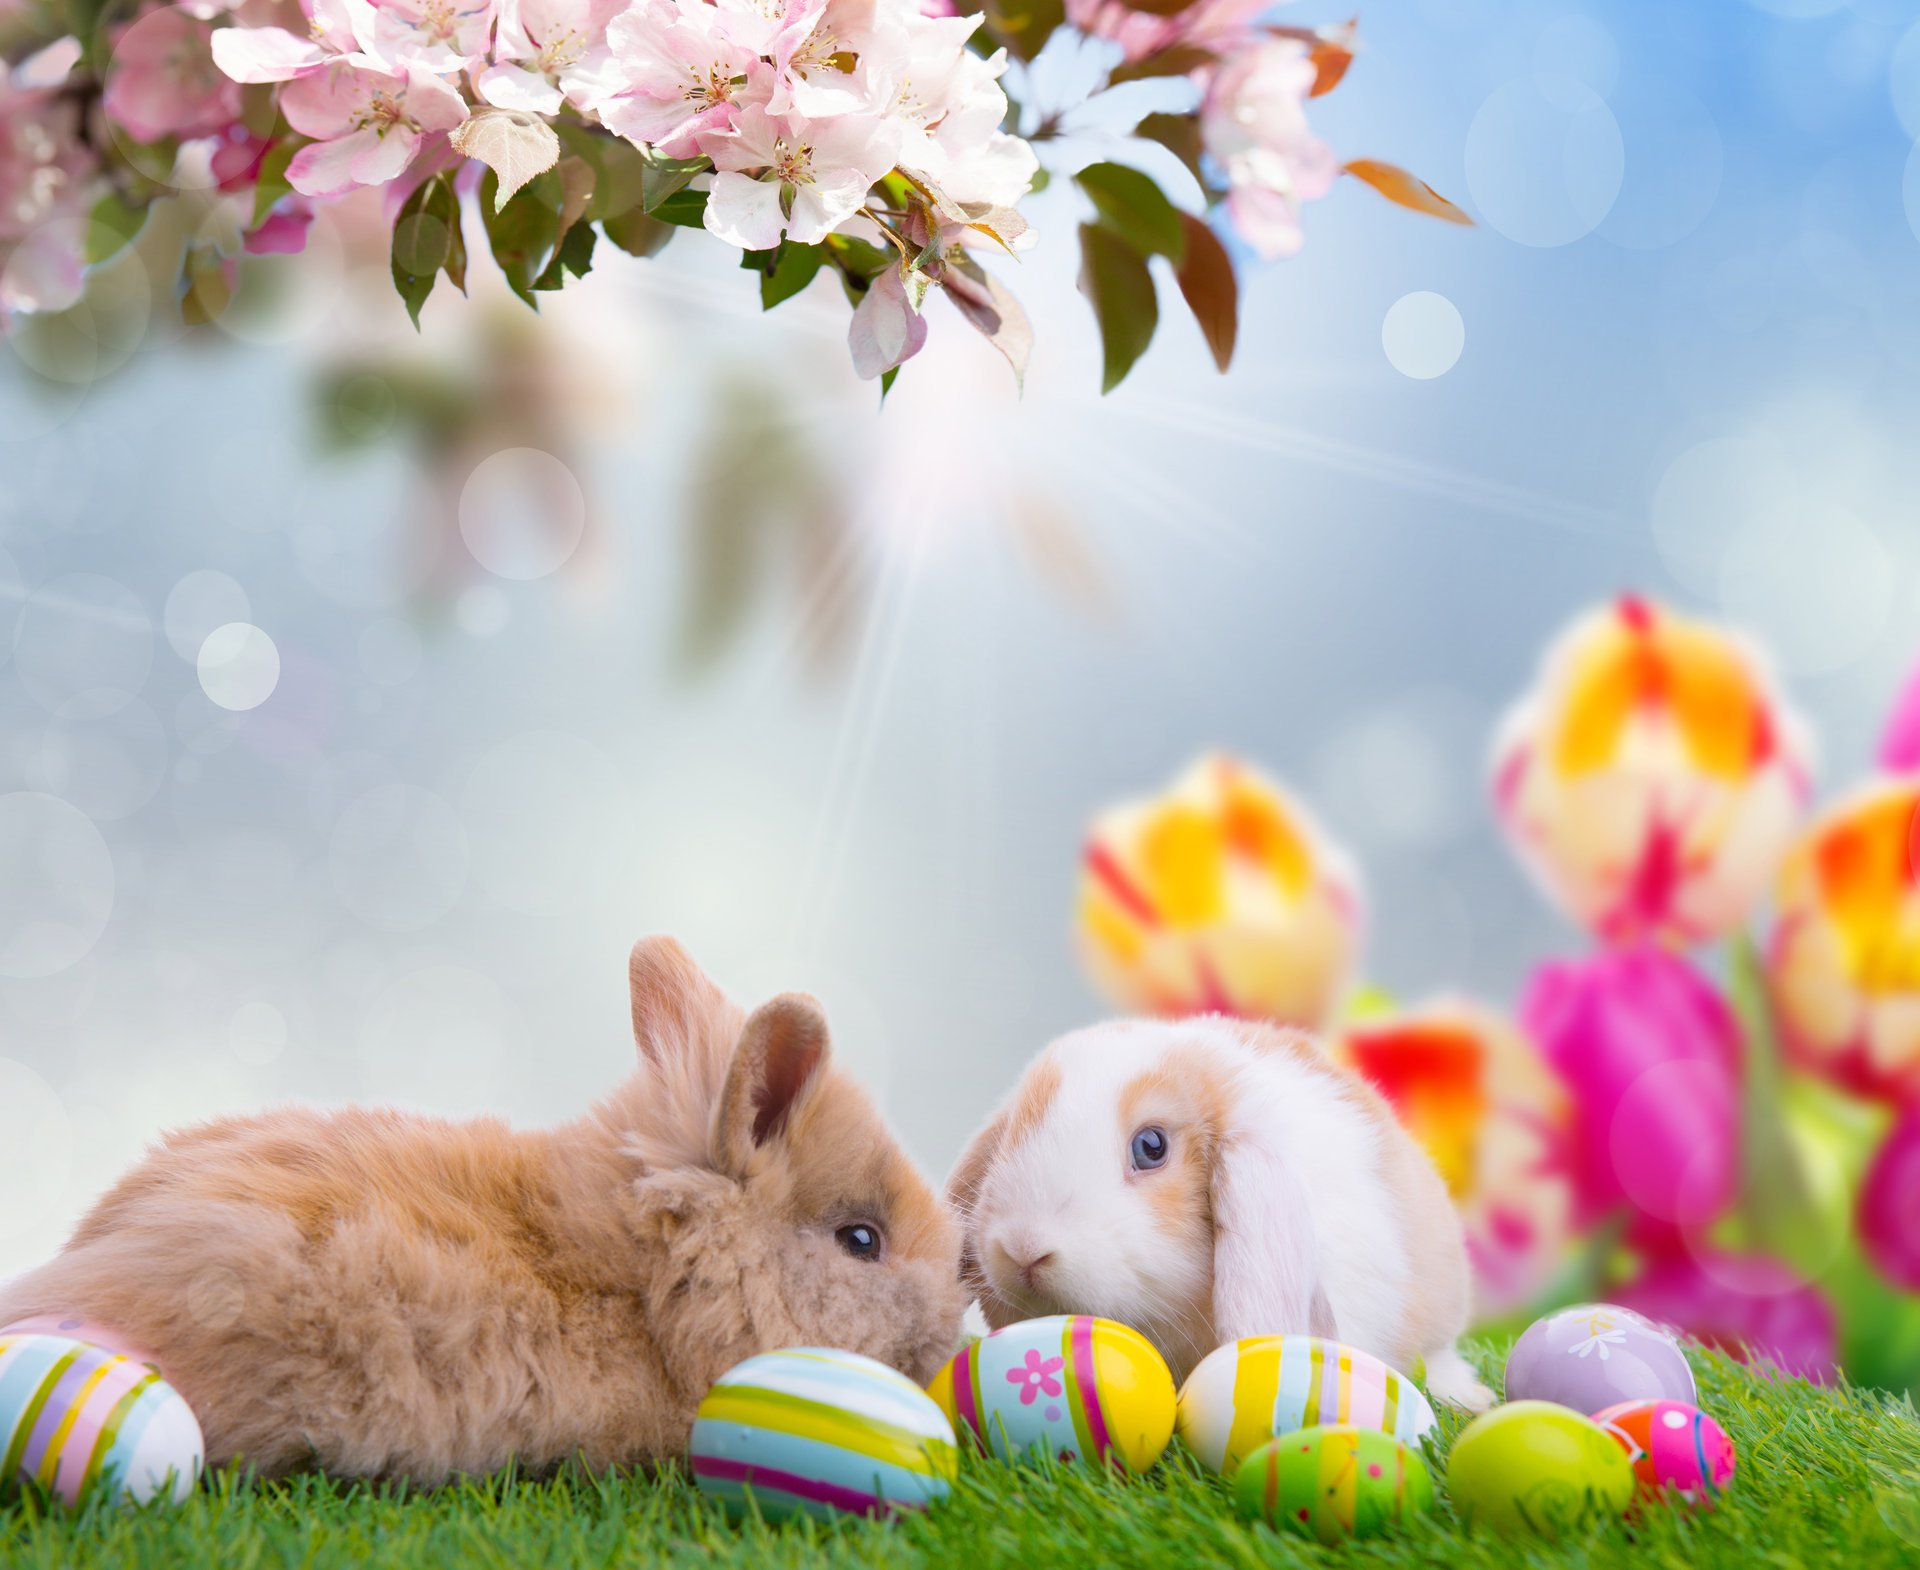 Картинки с животными природой и цветами